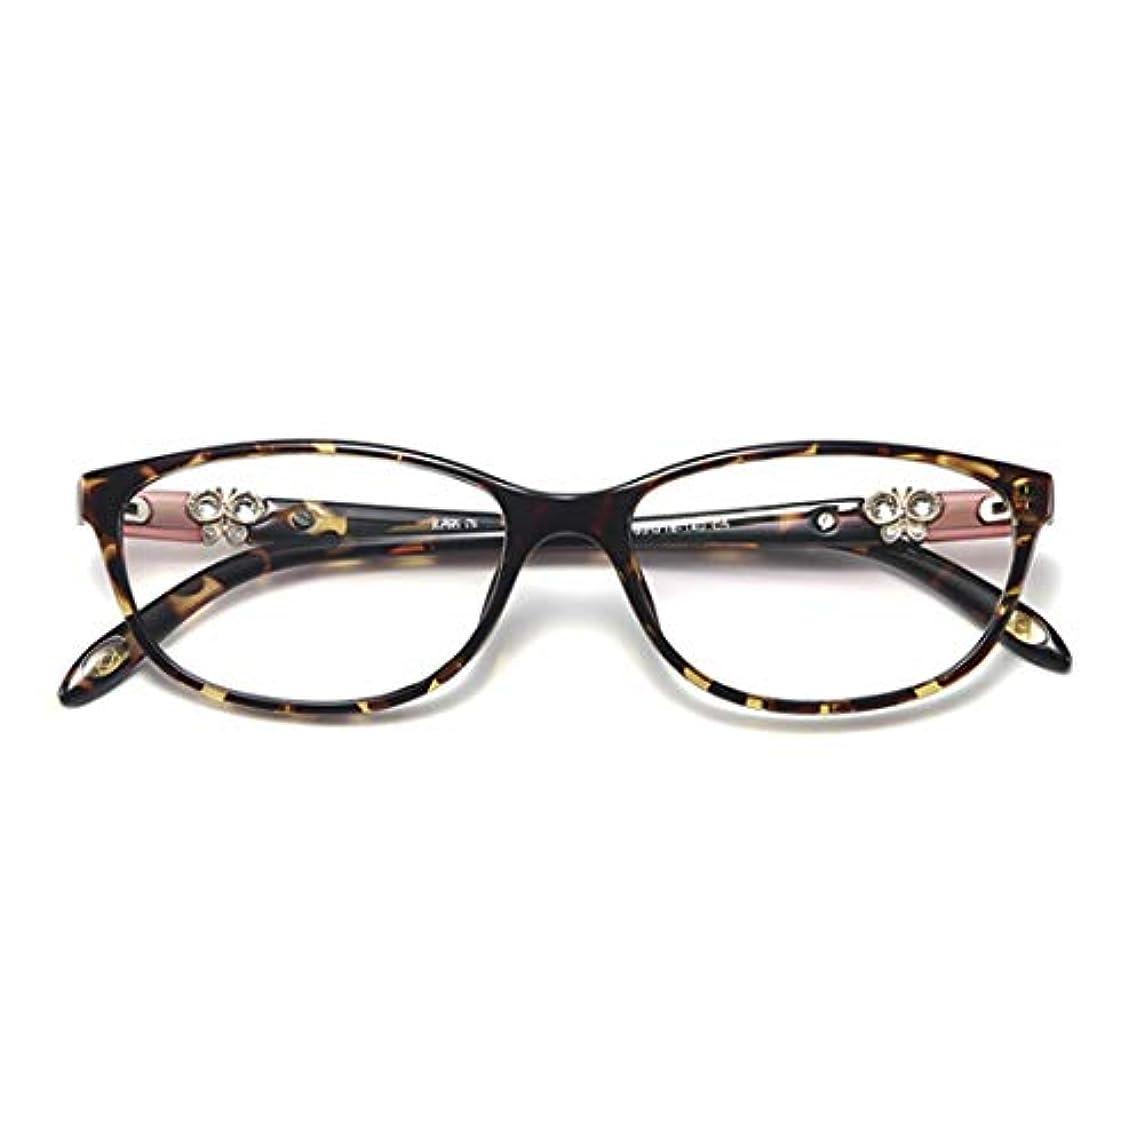 ファッション女性用老眼鏡、プログレッシブ多焦点、遠近両用、アンチブルーライト抗疲労、インテリジェント老眼鏡